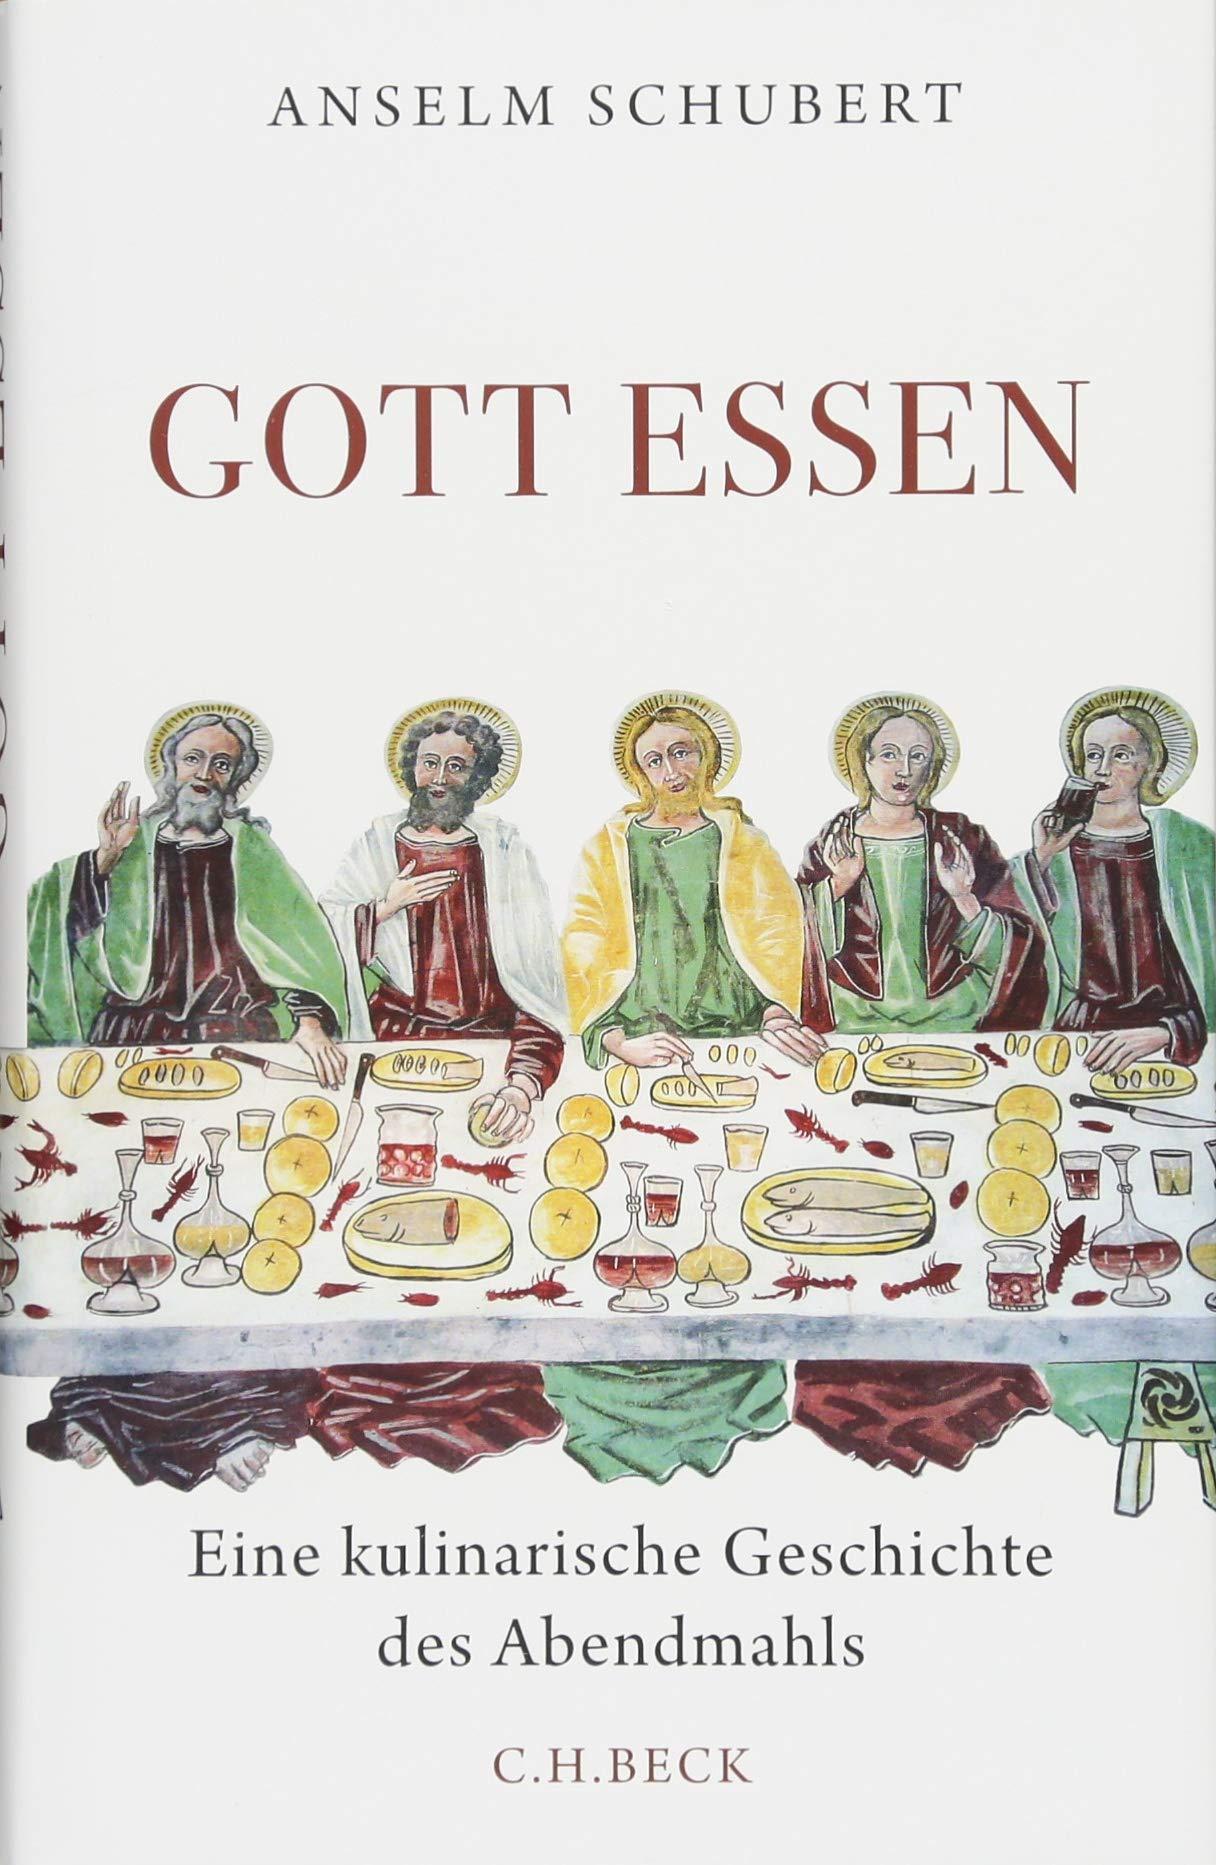 Gott essen: Eine kulinarische Geschichte des Abendmahls